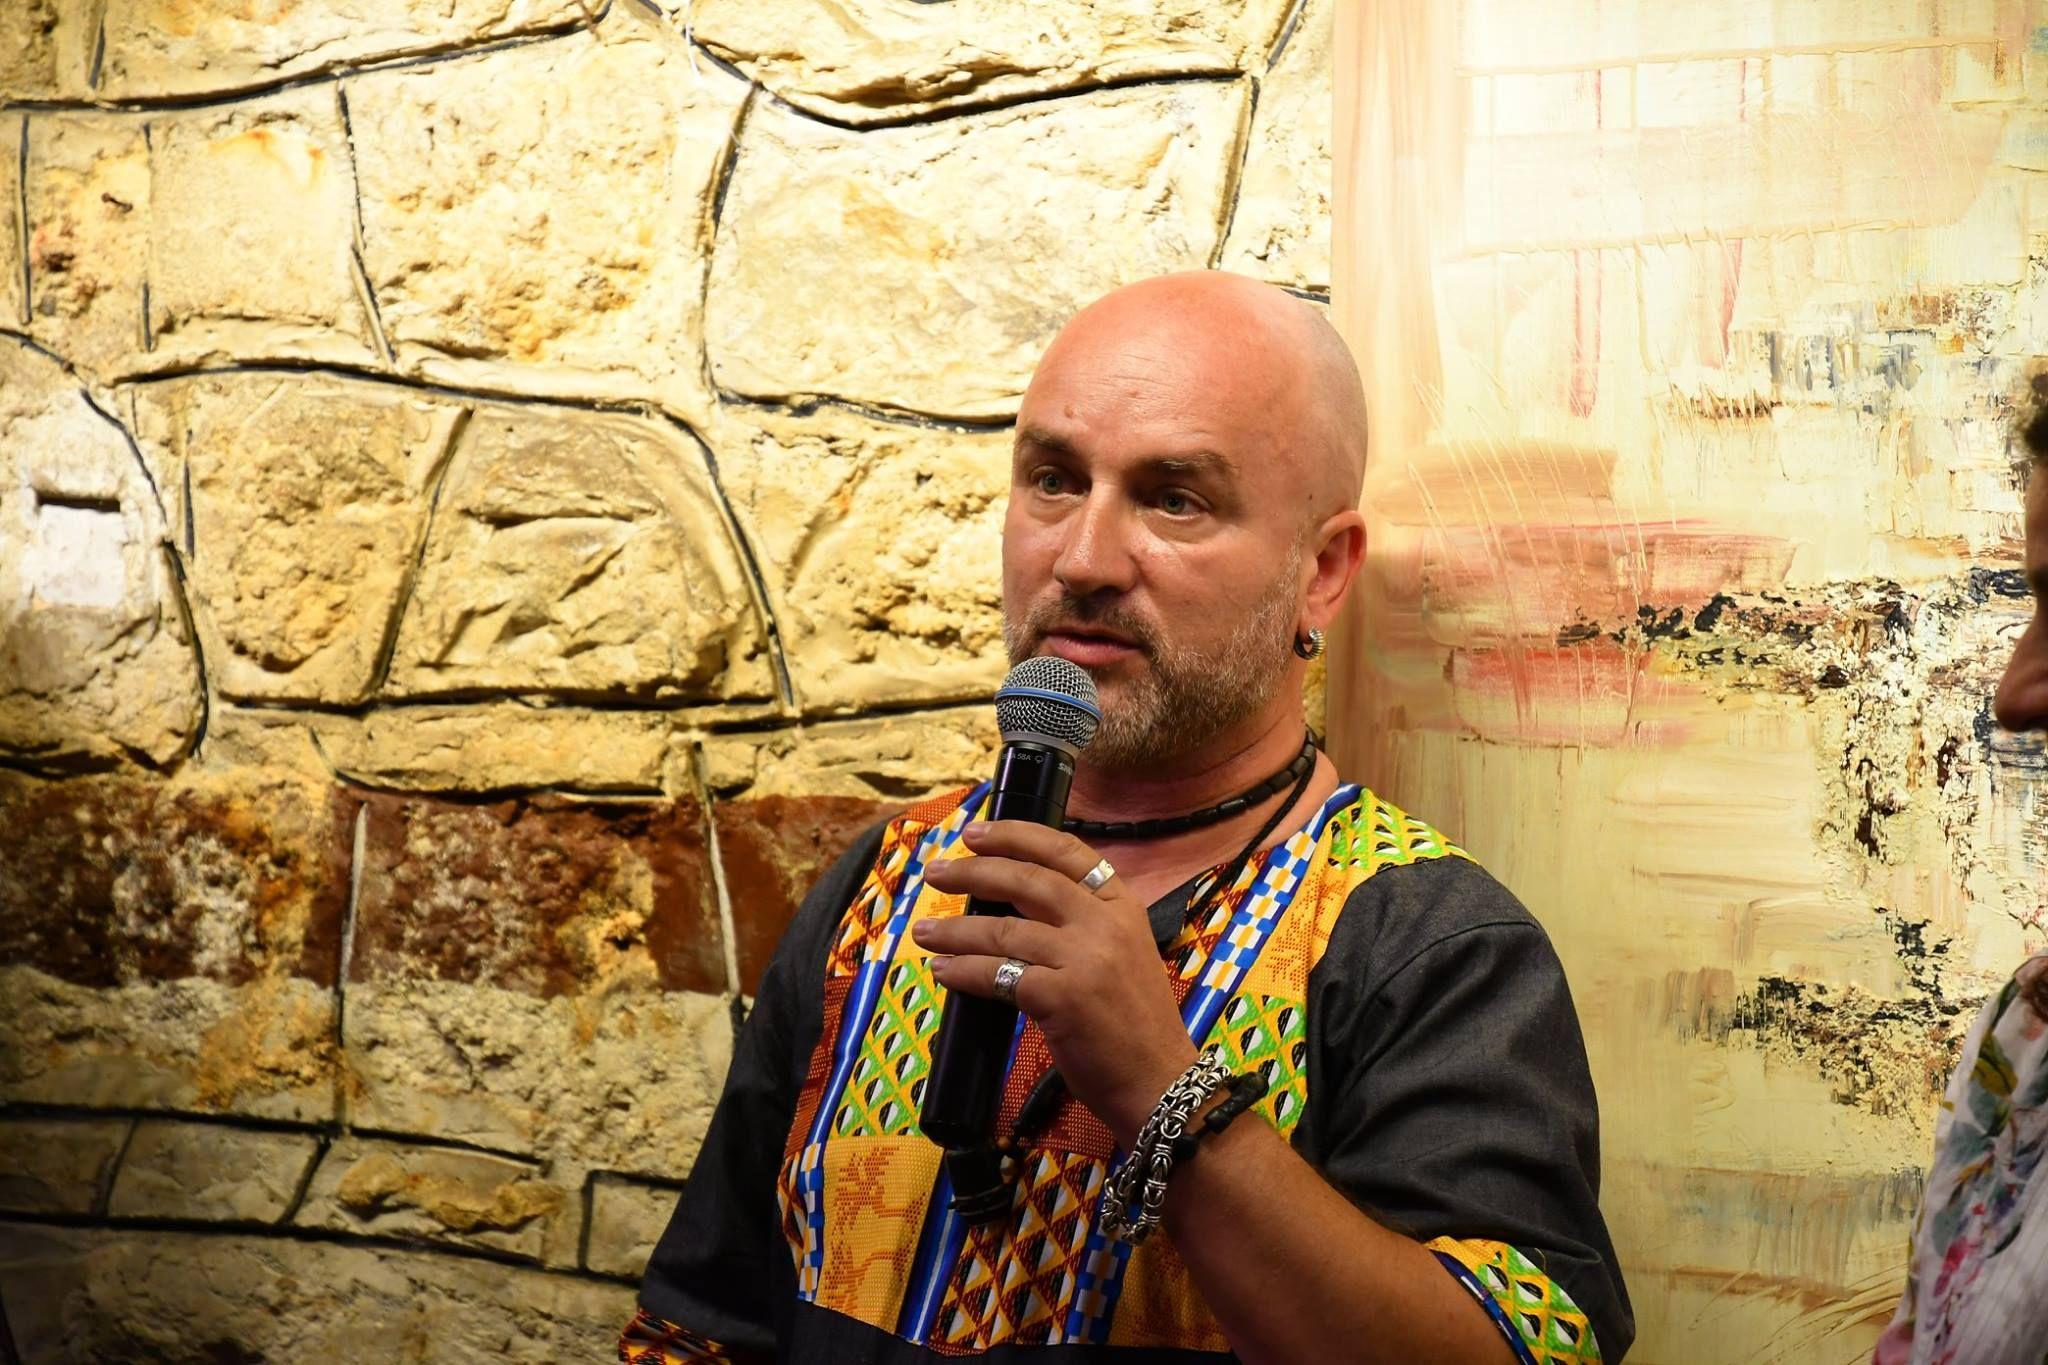 La mulți ani, Ștefan Balog! Artistul aiudean a sărbătorit momentul printr-o amplă și reprezentativă expoziție